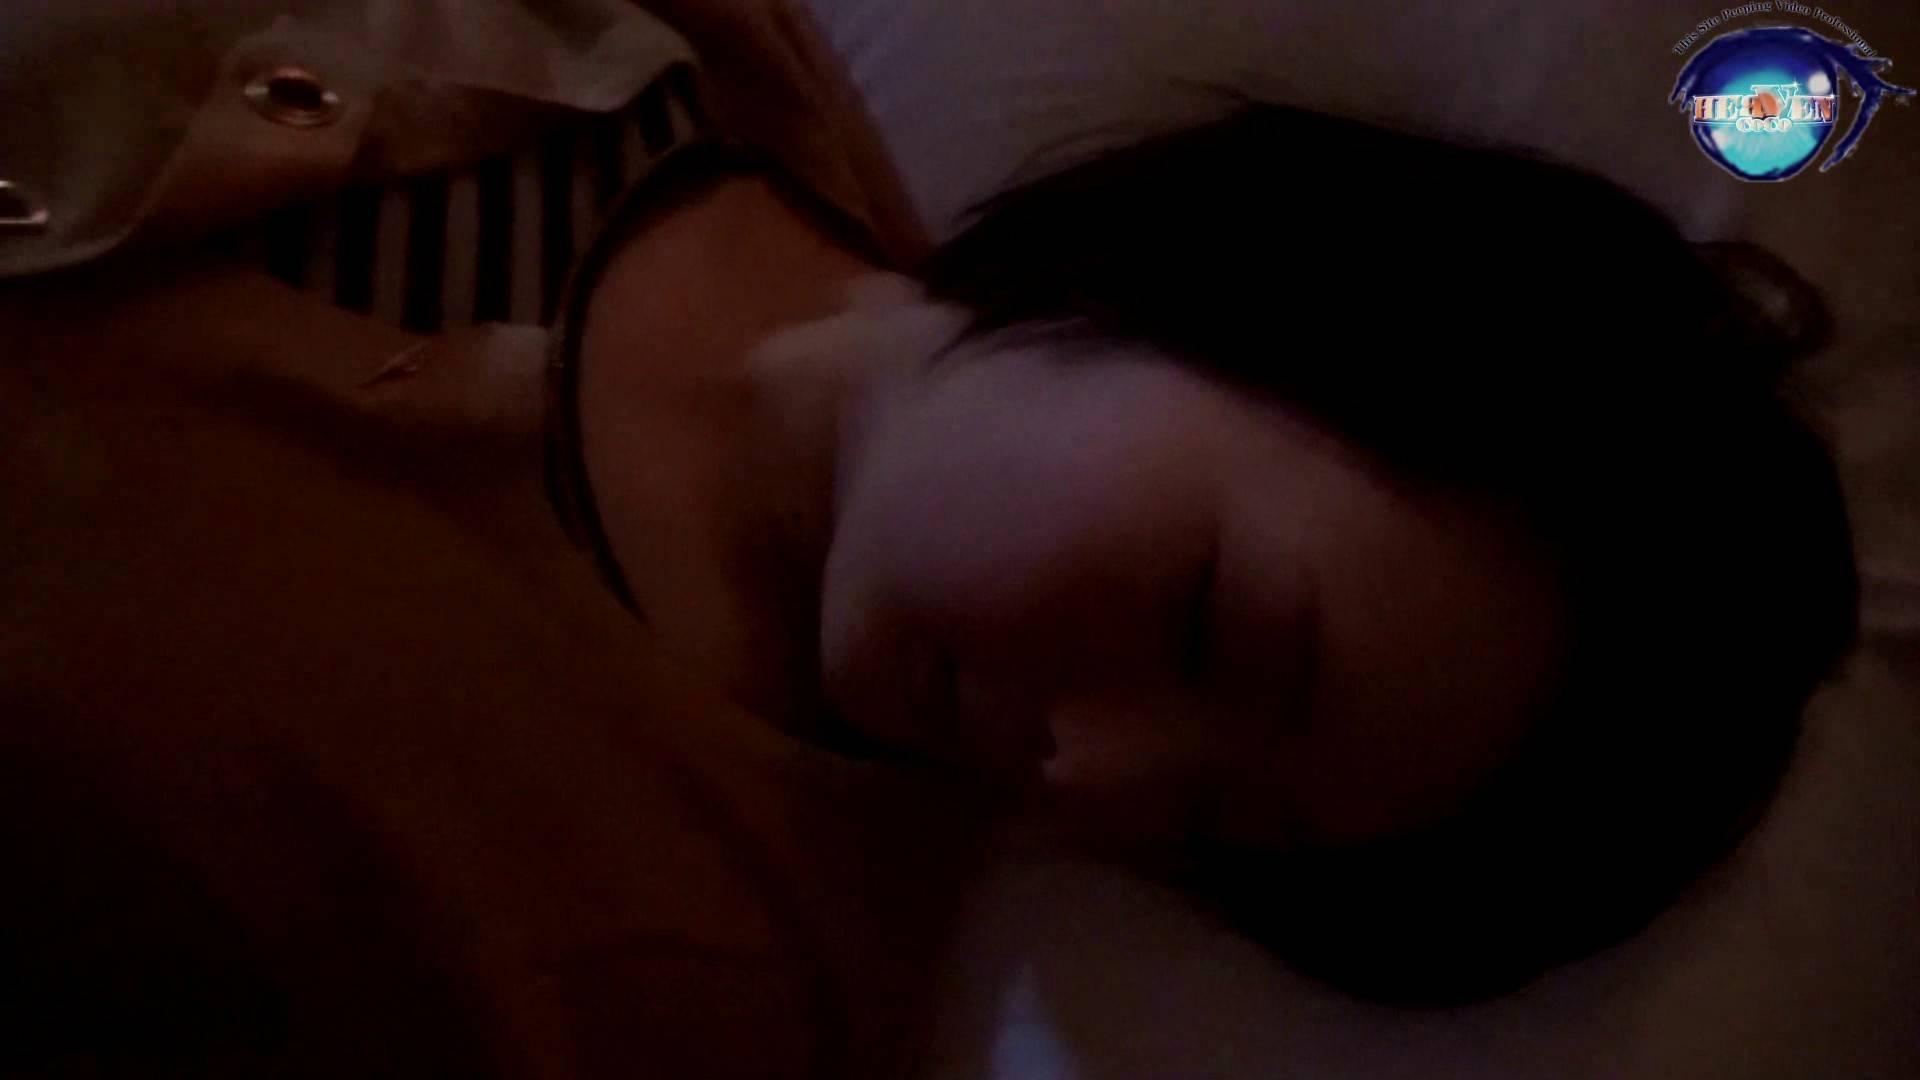 睡魔 シュウライ 第参壱話 前半 女子大生のエロ動画   イタズラ動画  94PIX 39